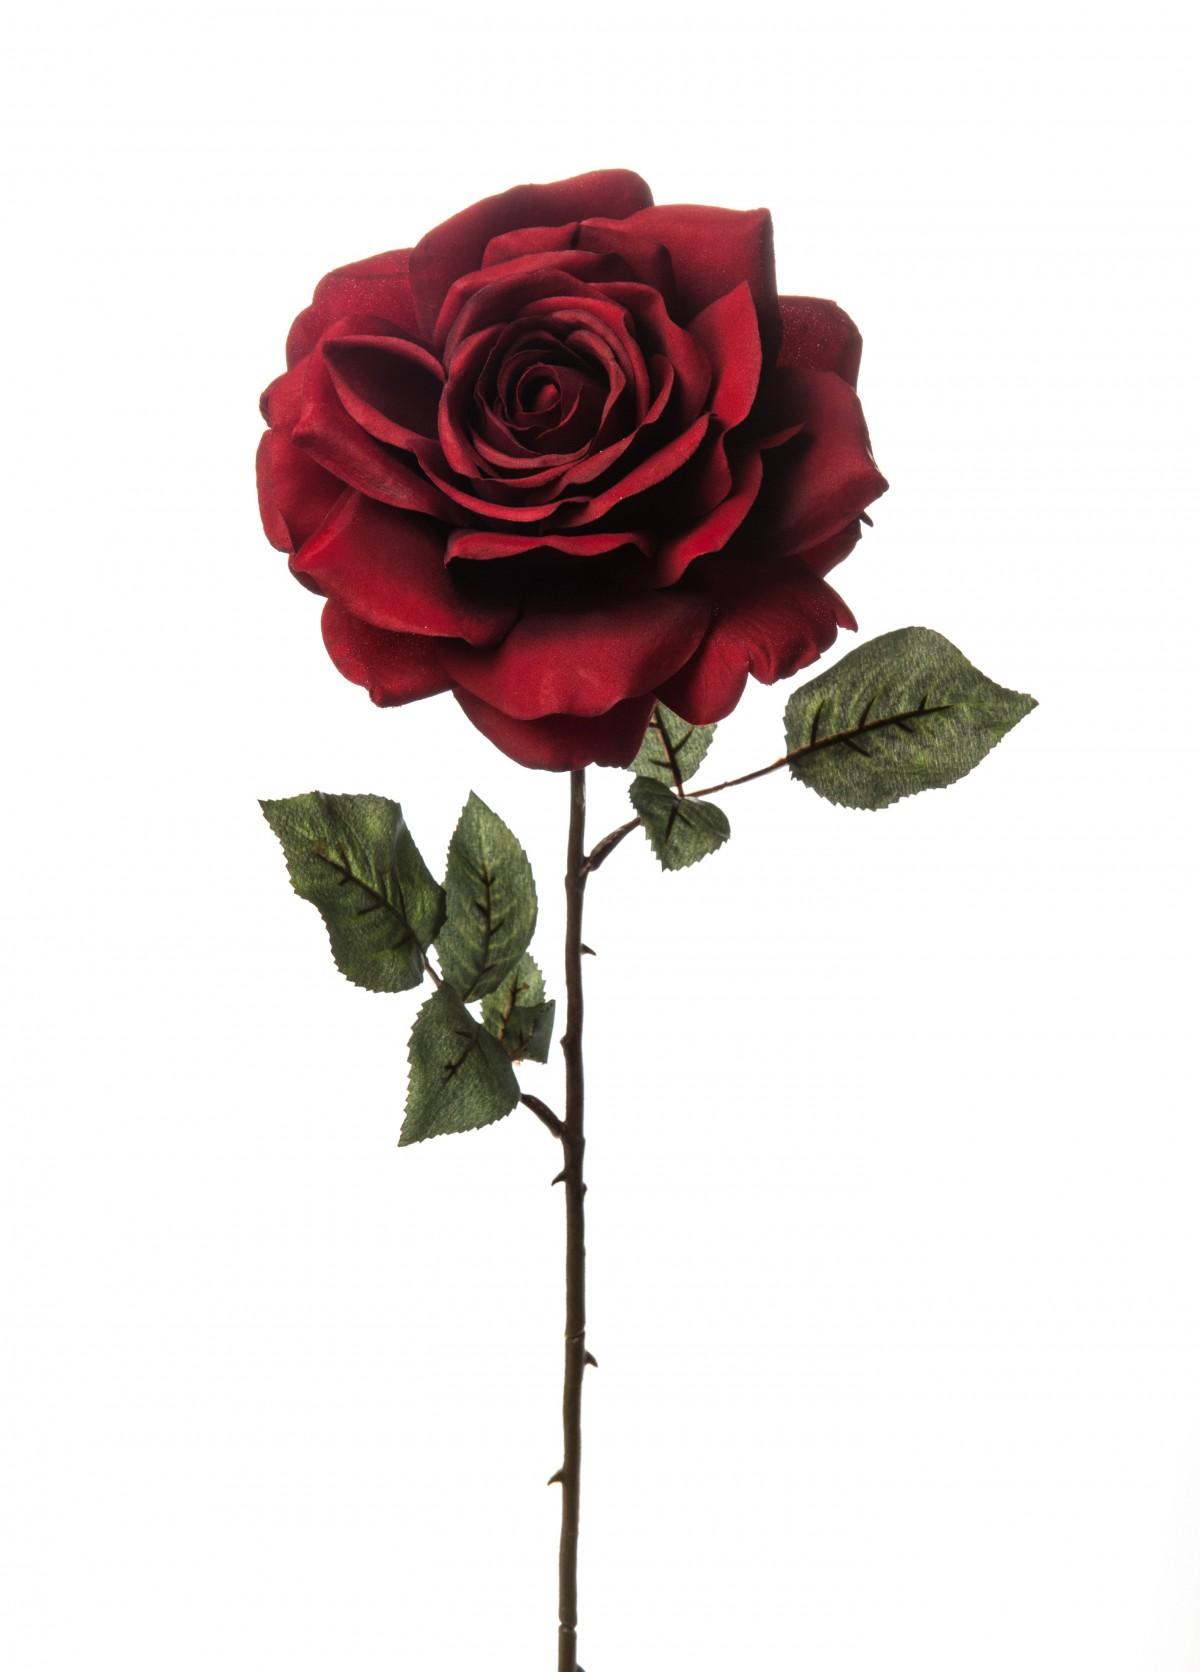 Rosa Madonna Rossa